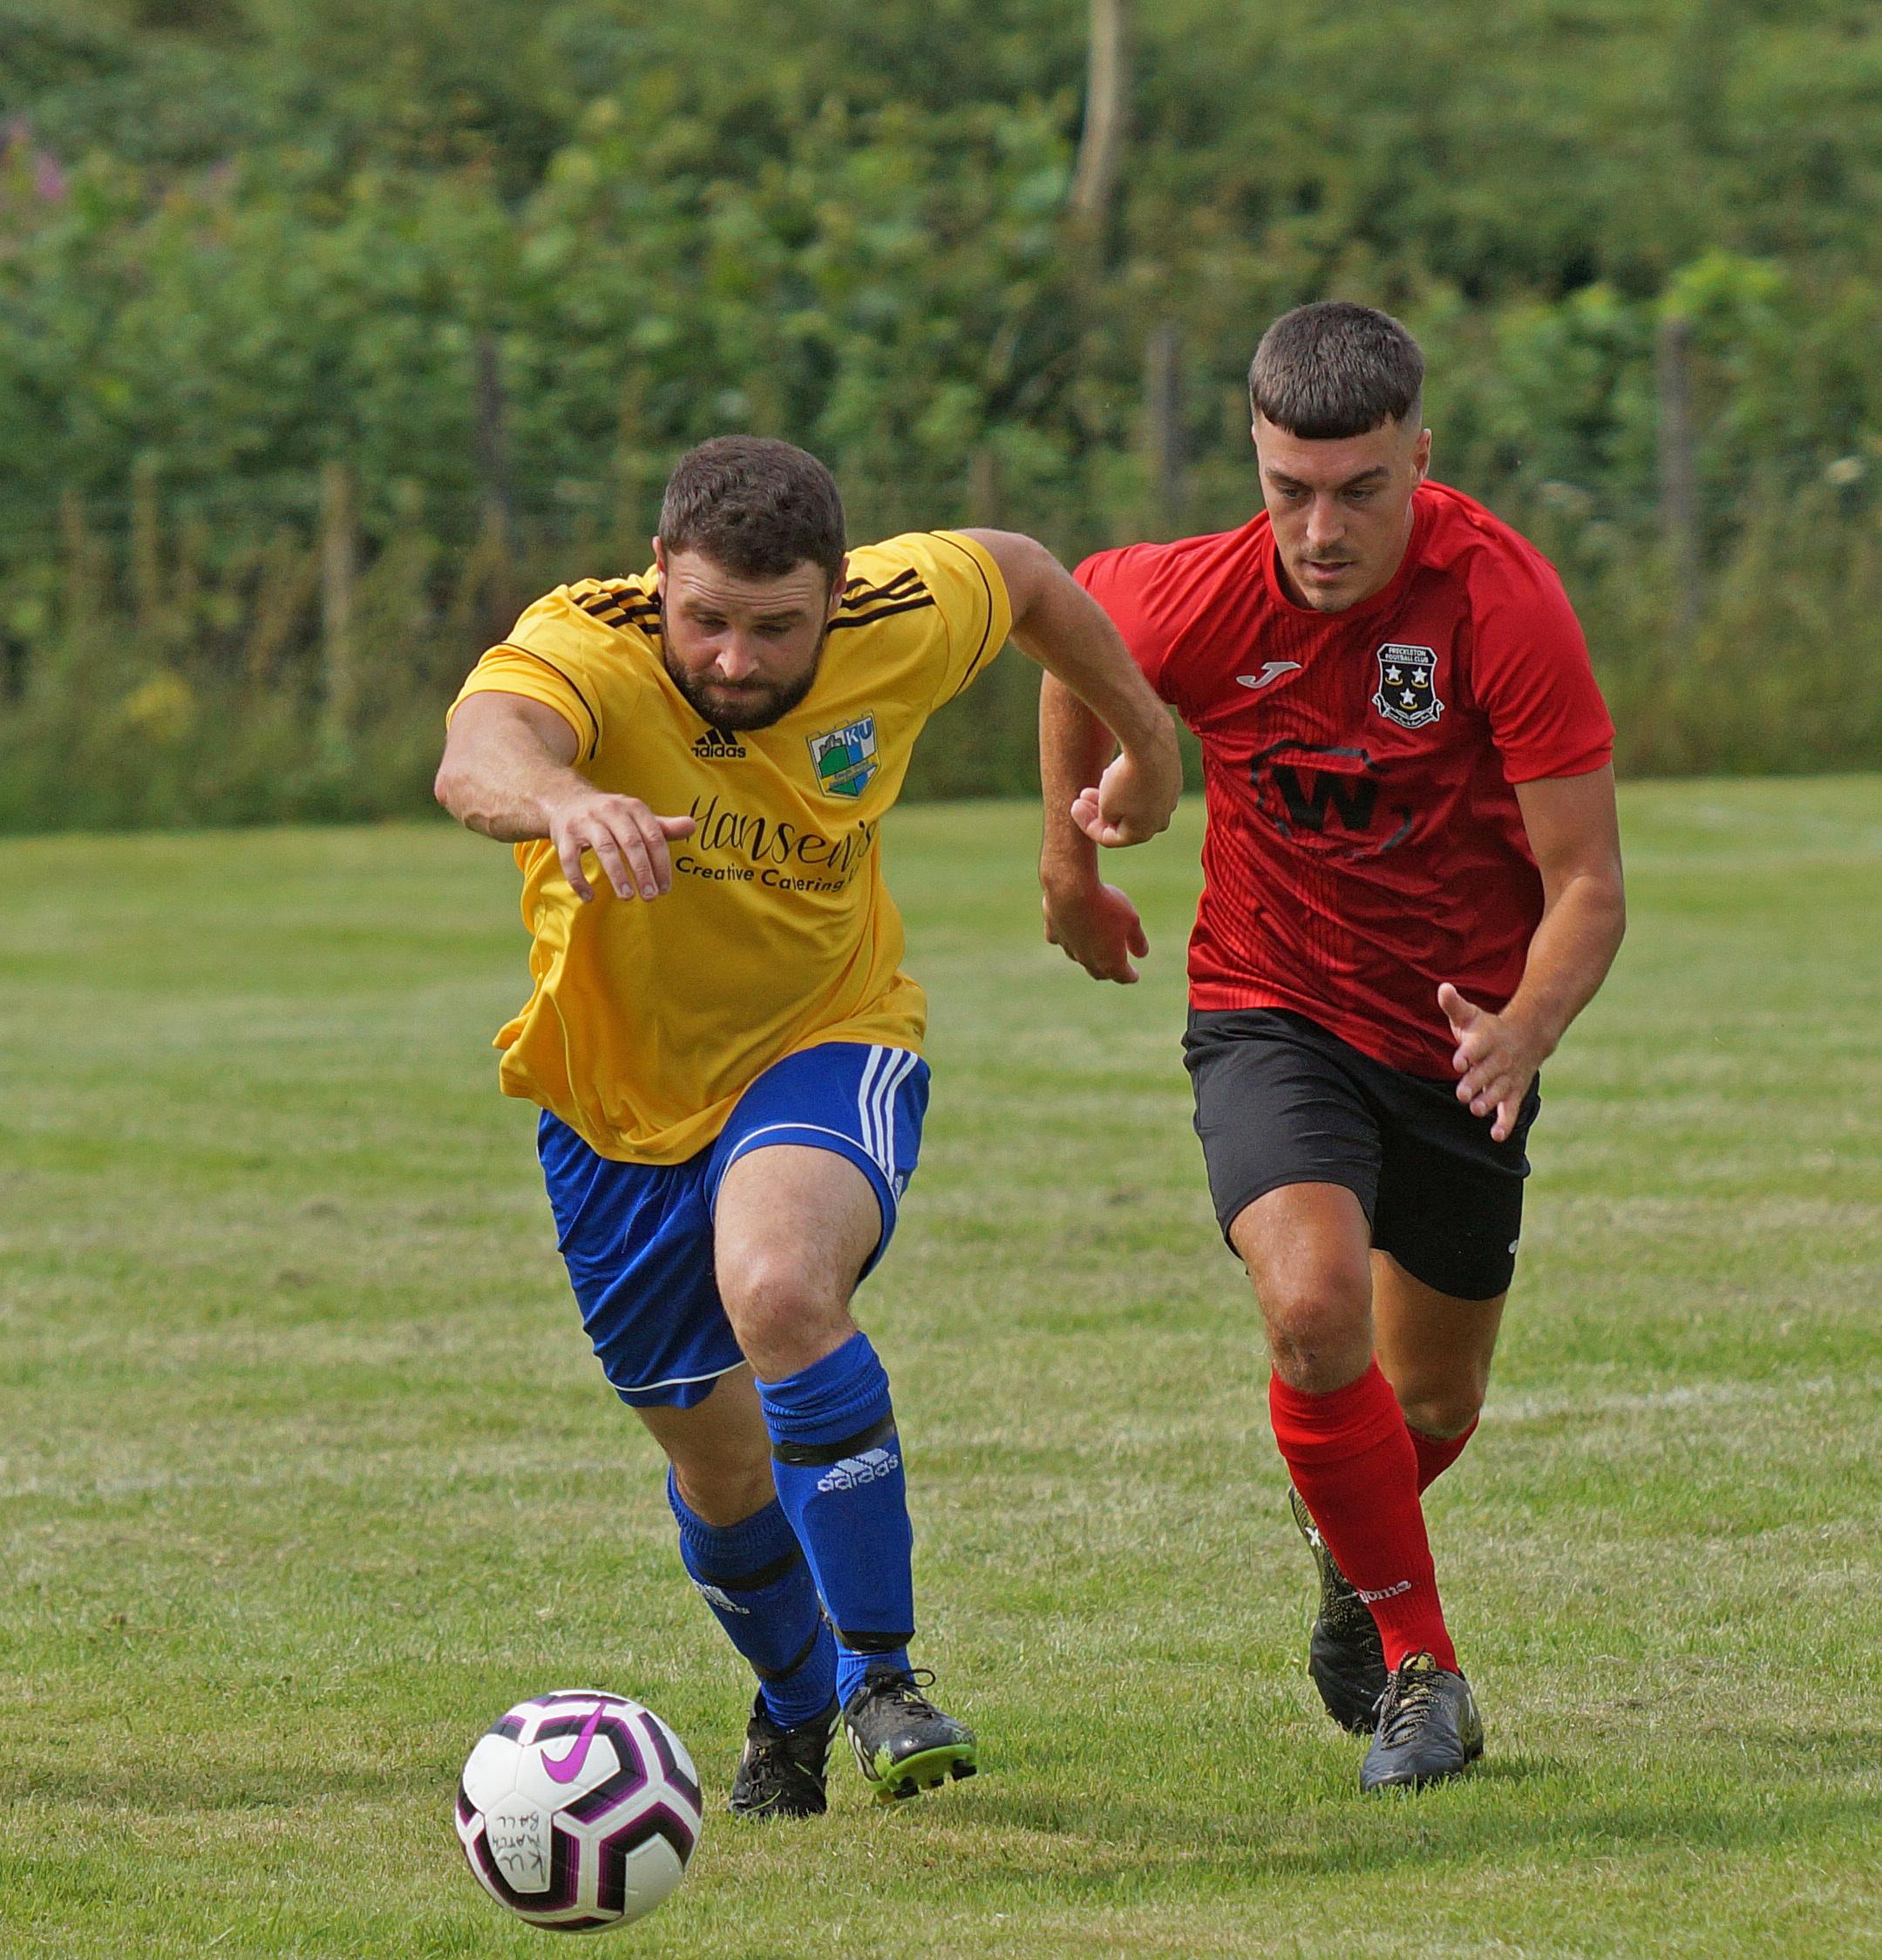 Milnthorpe Corinthians make perfect start in West Lancashire League